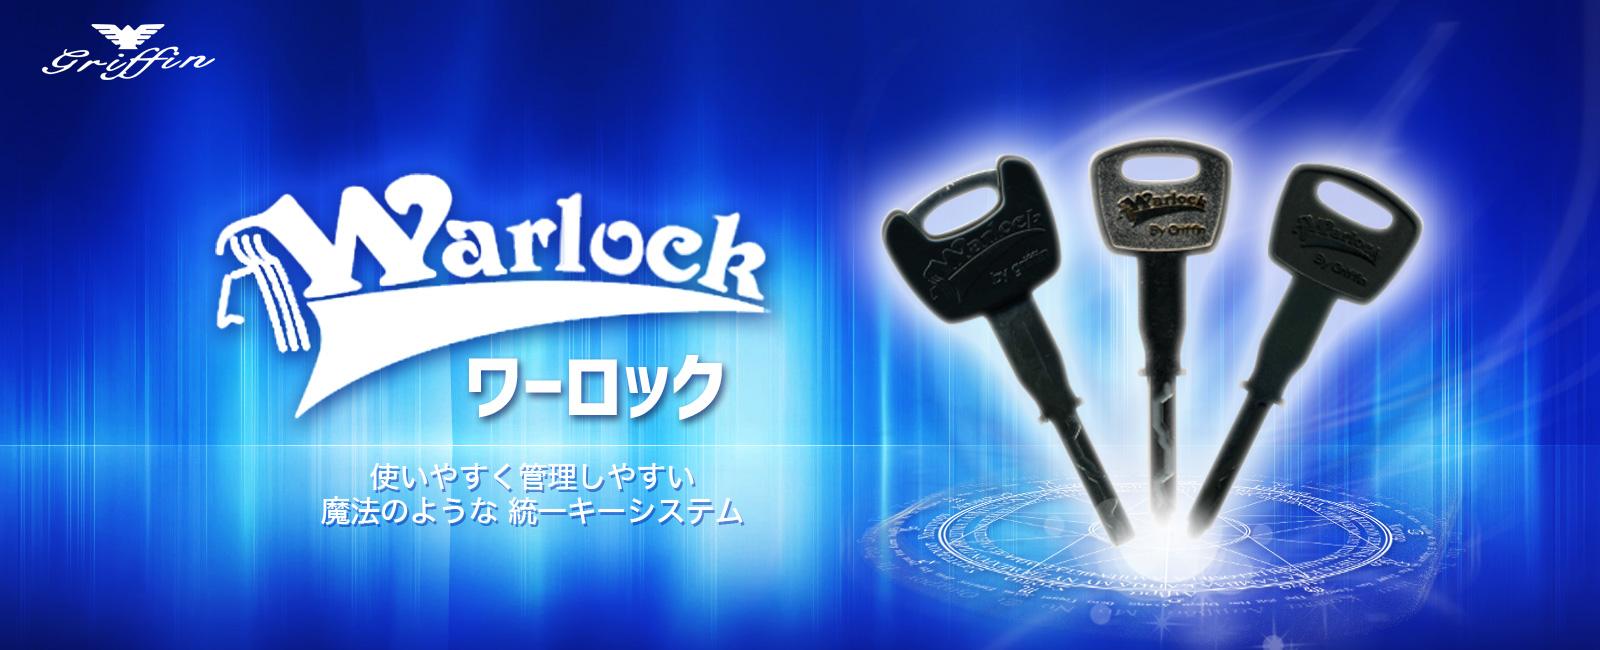 グリフィンシリーズ Warlock [遊技機用]